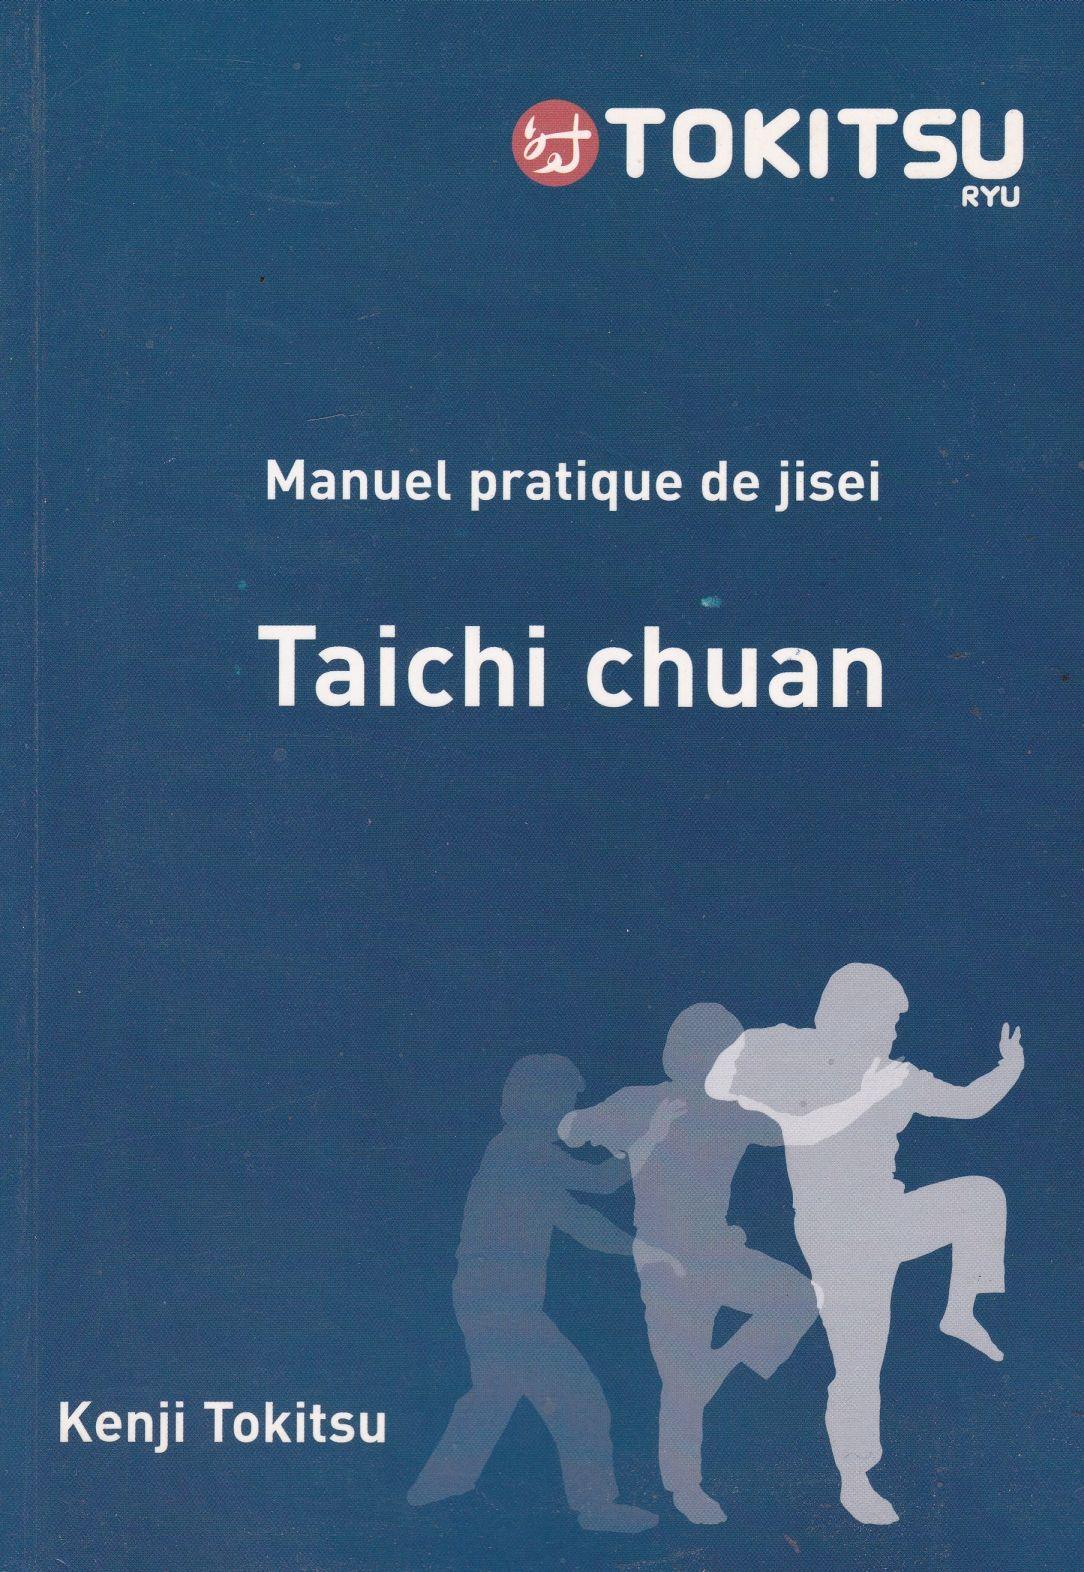 Manuel pratique de jisei taichi chuan (Jisei-taichi)